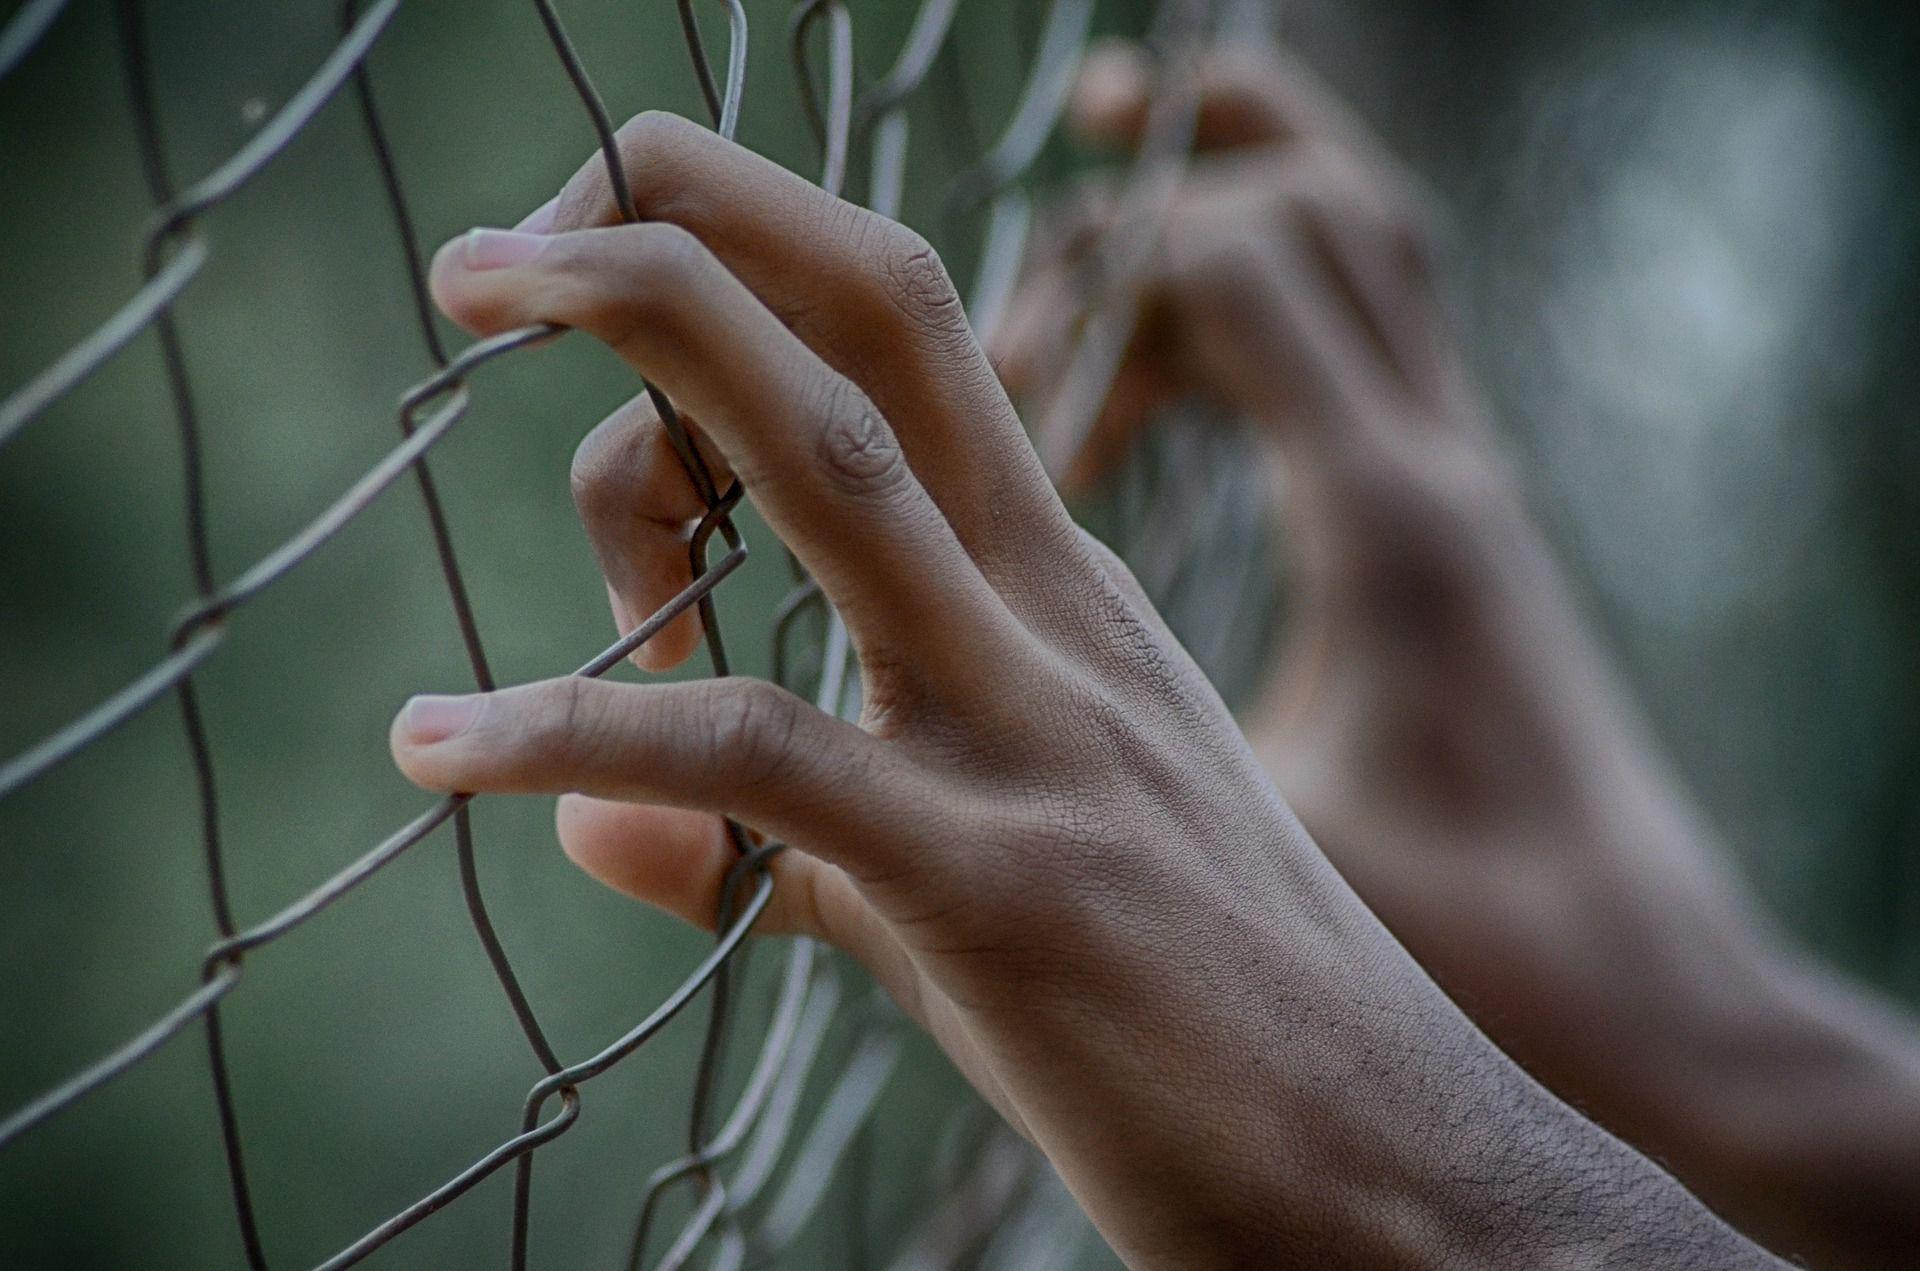 Las reclusas trabajan sin derecho a prestaciones laborales, que sí están contempladas en la ley (Foto: Pixabay)